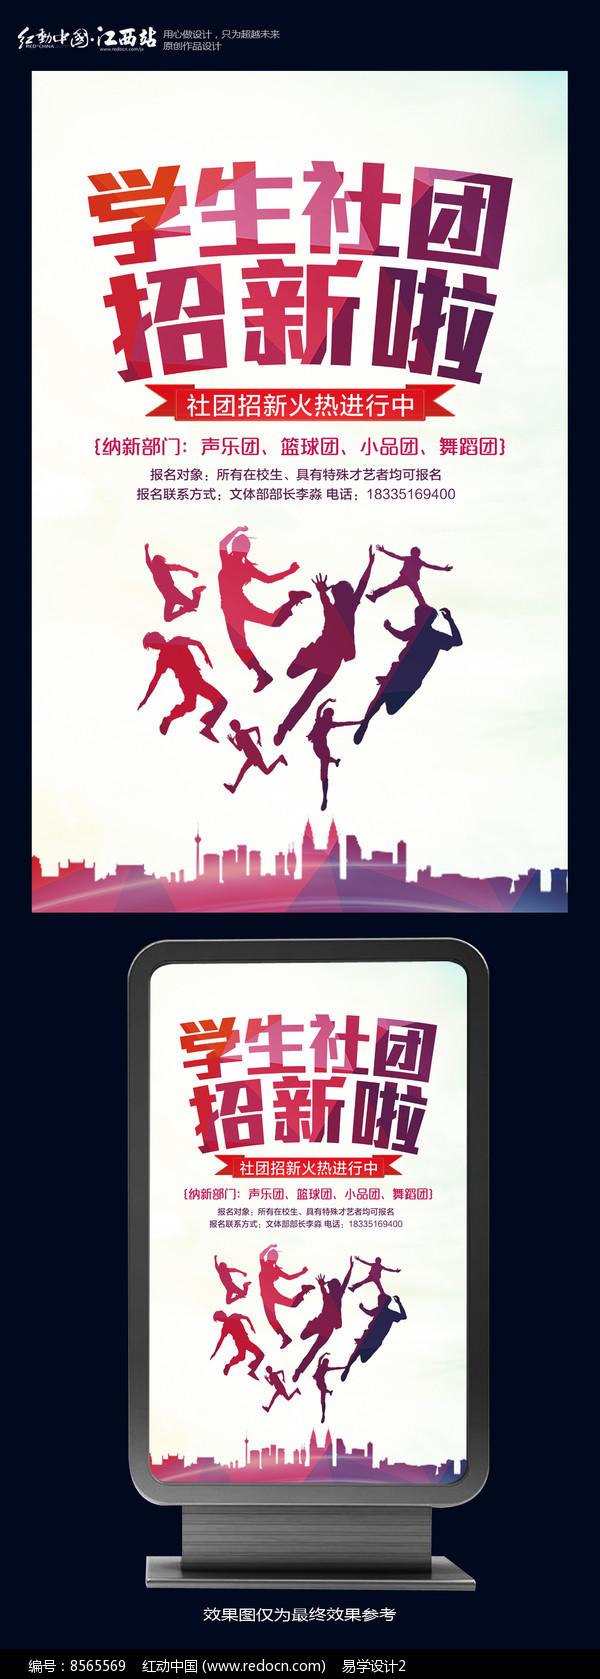 原创设计稿 海报设计/宣传单/广告牌 海报设计 学生社团招新海报  请图片